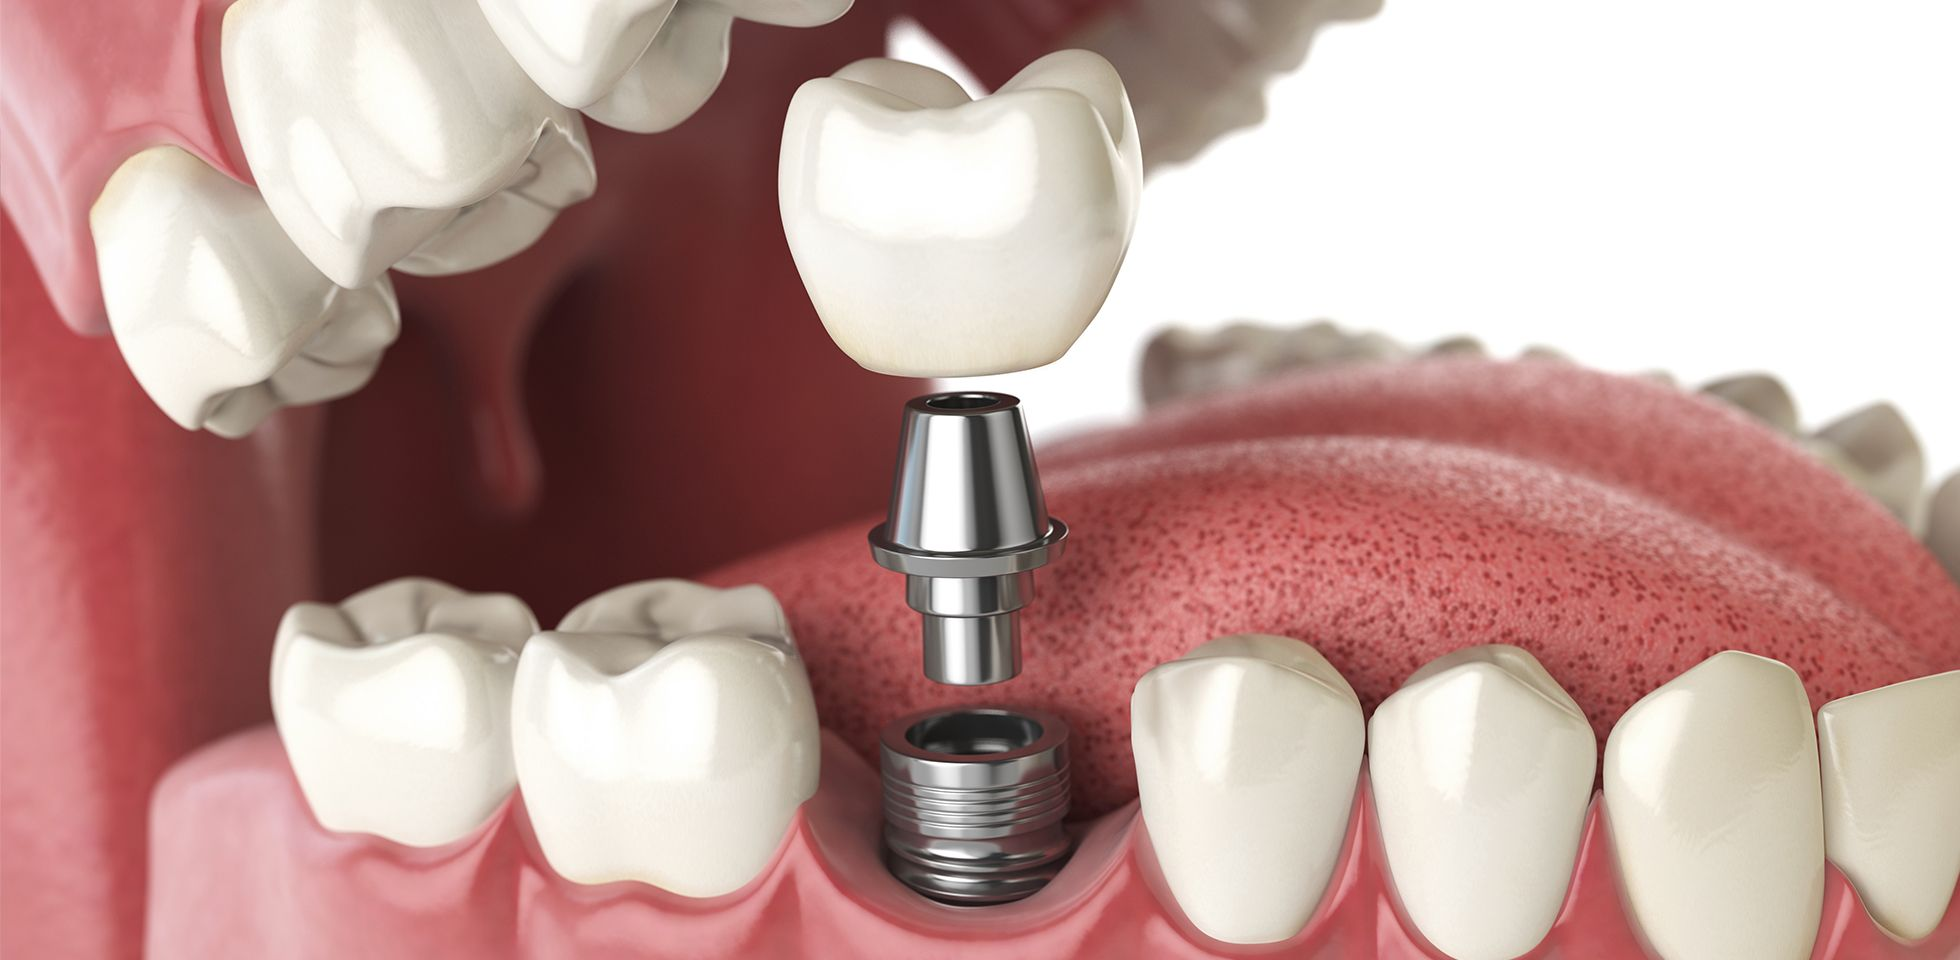 زراعة الاسنان م